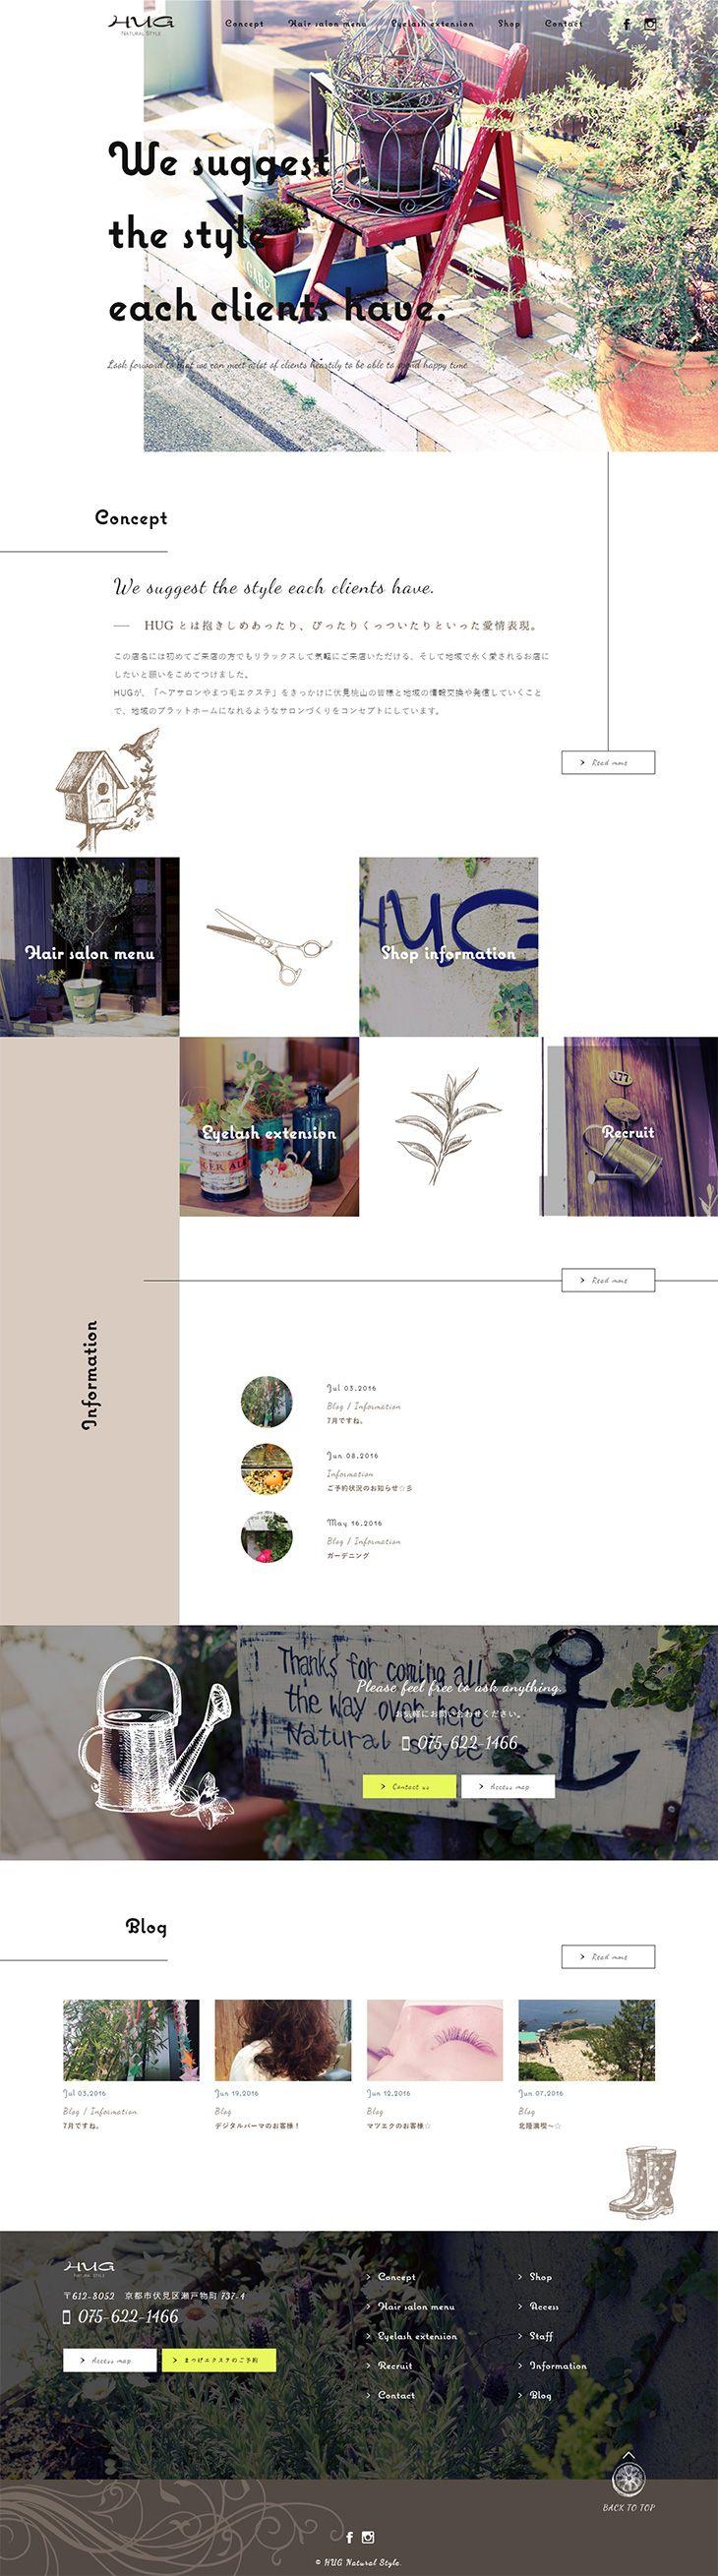 HUG Natural Style【サービス関連】のLPデザイン。WEBデザイナーさん必見!ランディングページのデザイン参考に(シンプル系)